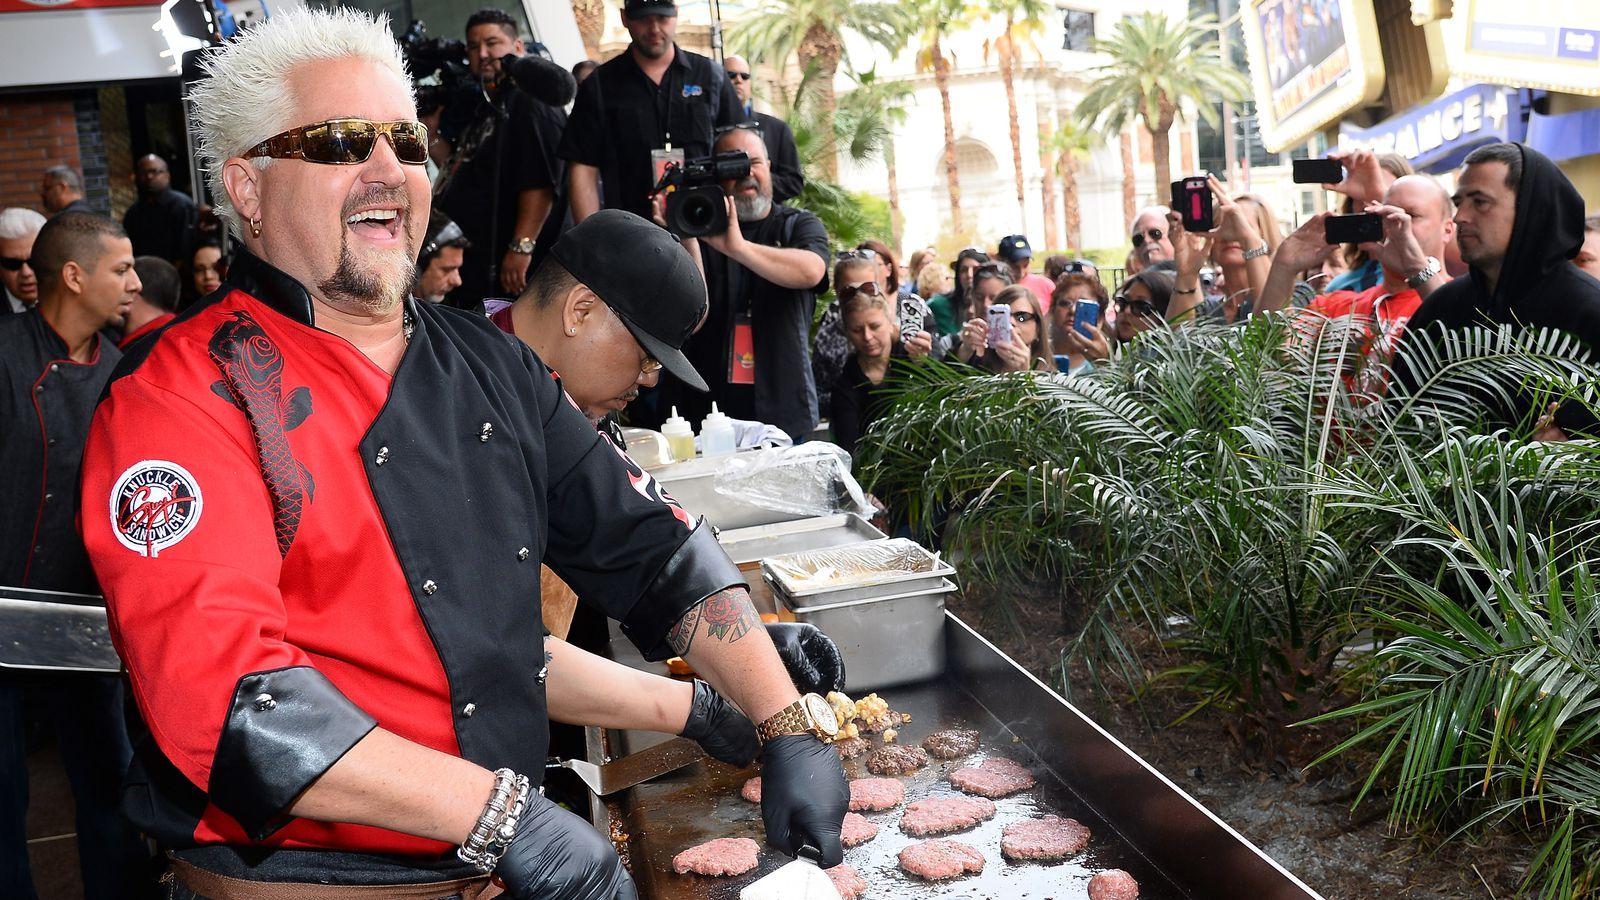 Guy fieri dubbed in italian is just as absurd as regular guy fieri eater - Food network ricette a tavola con guy ...